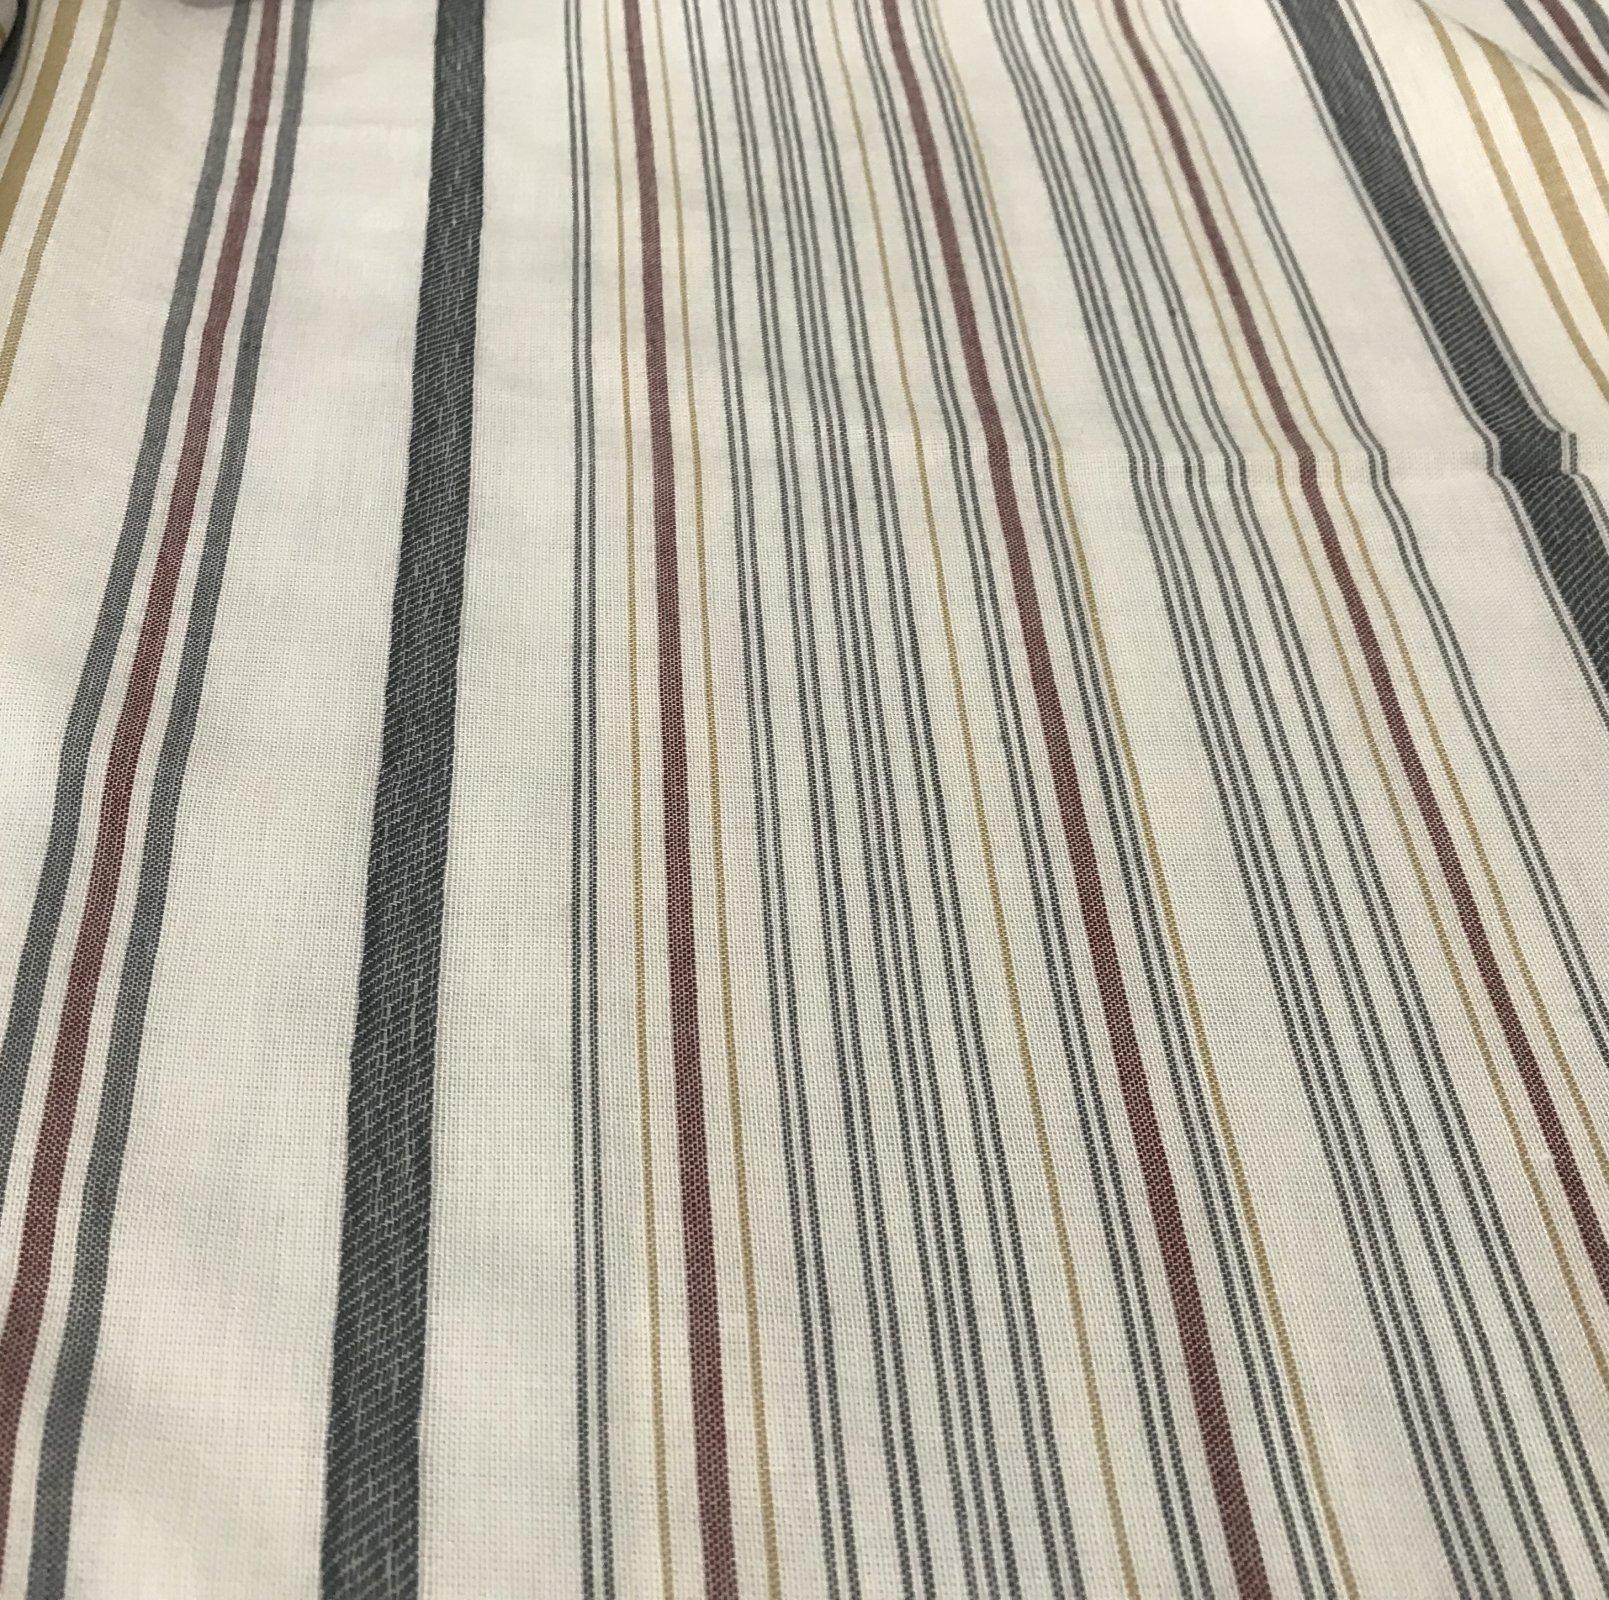 Rayon - Woven Stripes